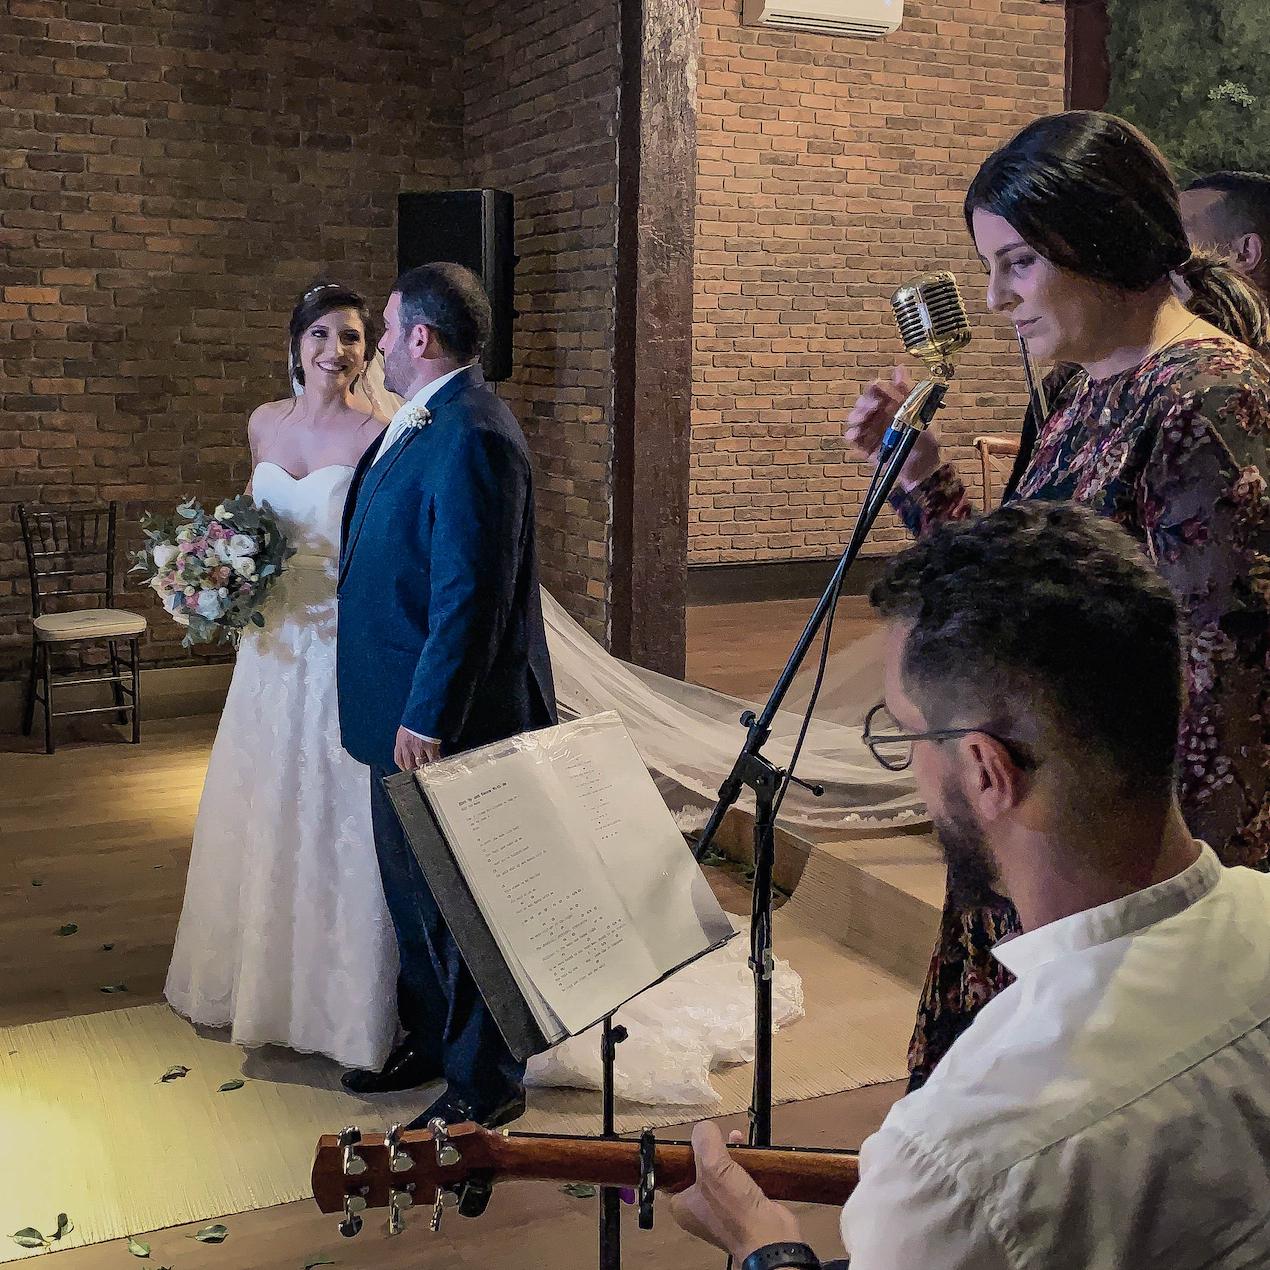 Voz Violão Violino Casamento Liliane e Deny 02